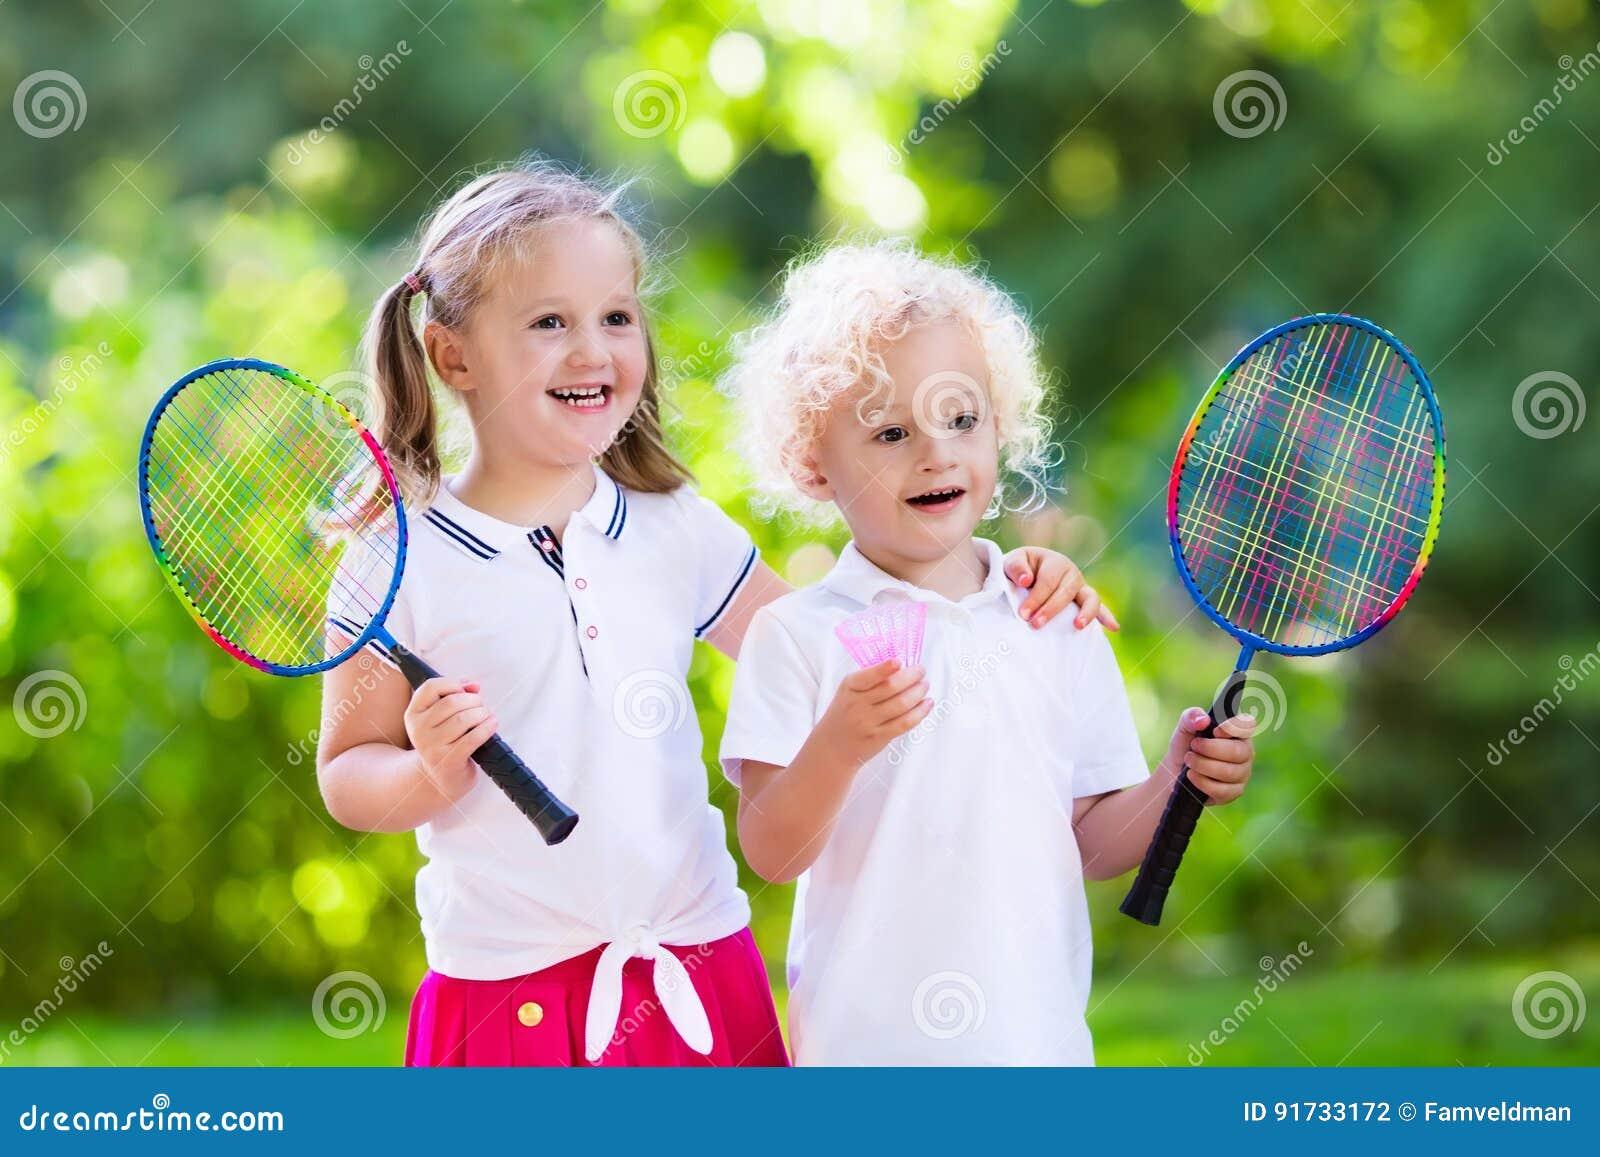 Los niños juegan a bádminton o a tenis en corte al aire libre